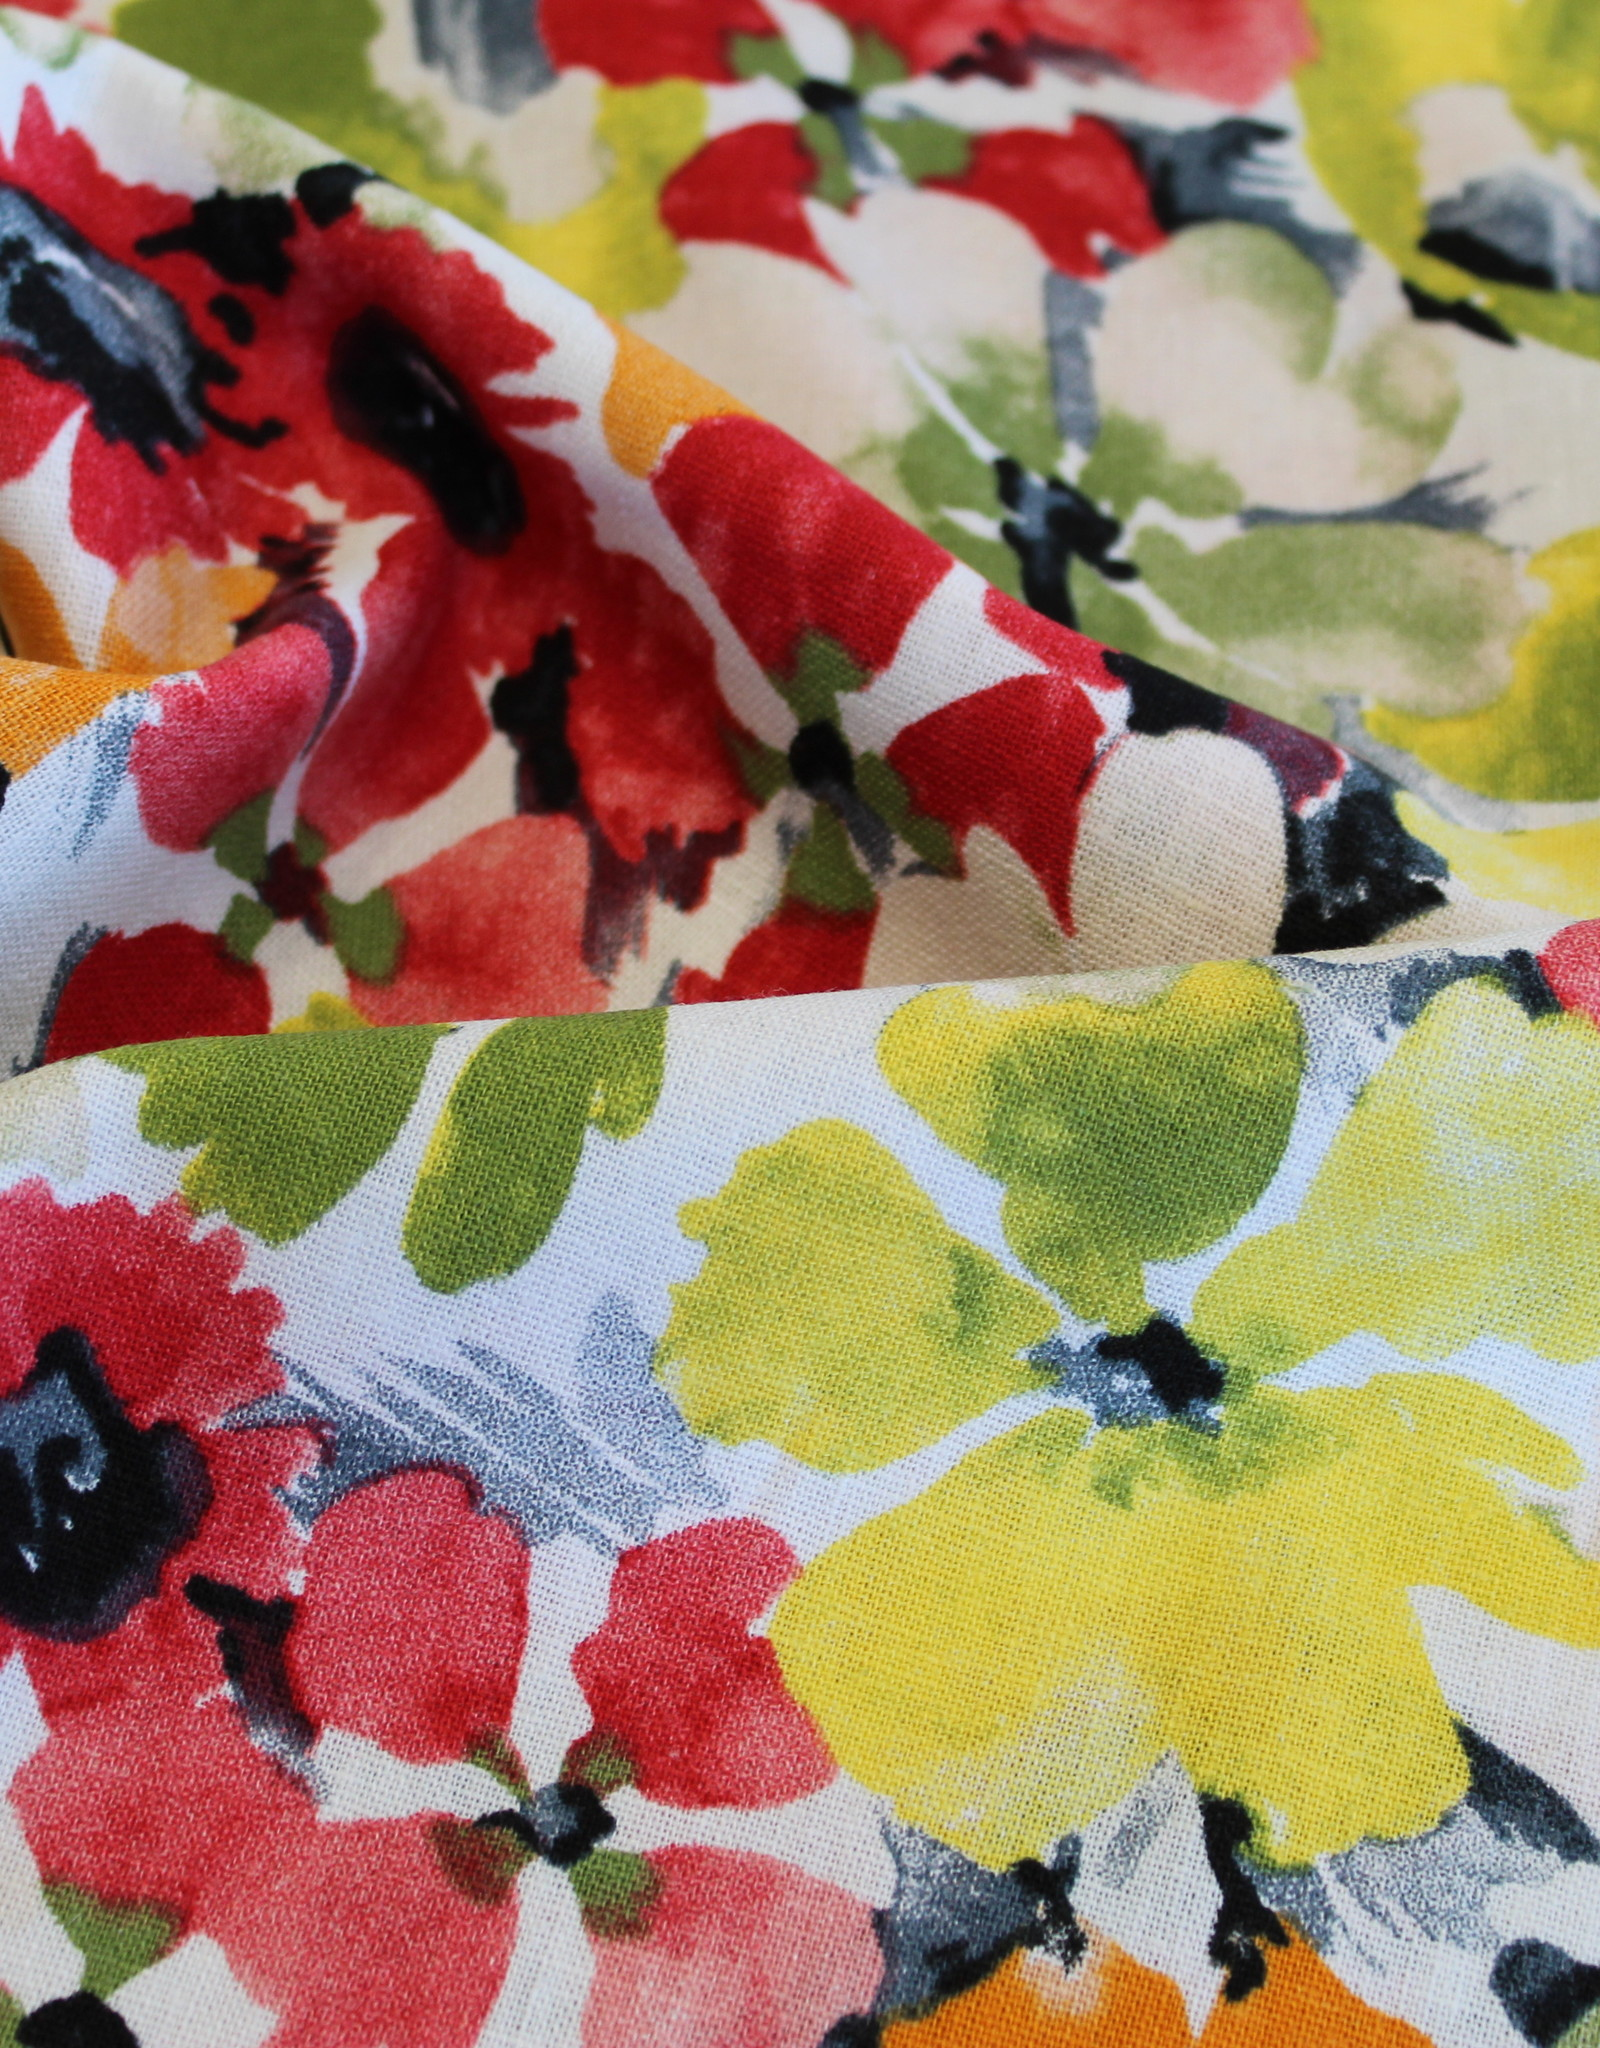 Linnen viscose bedrukt met grote bloemen rood/groen/oranje/geel